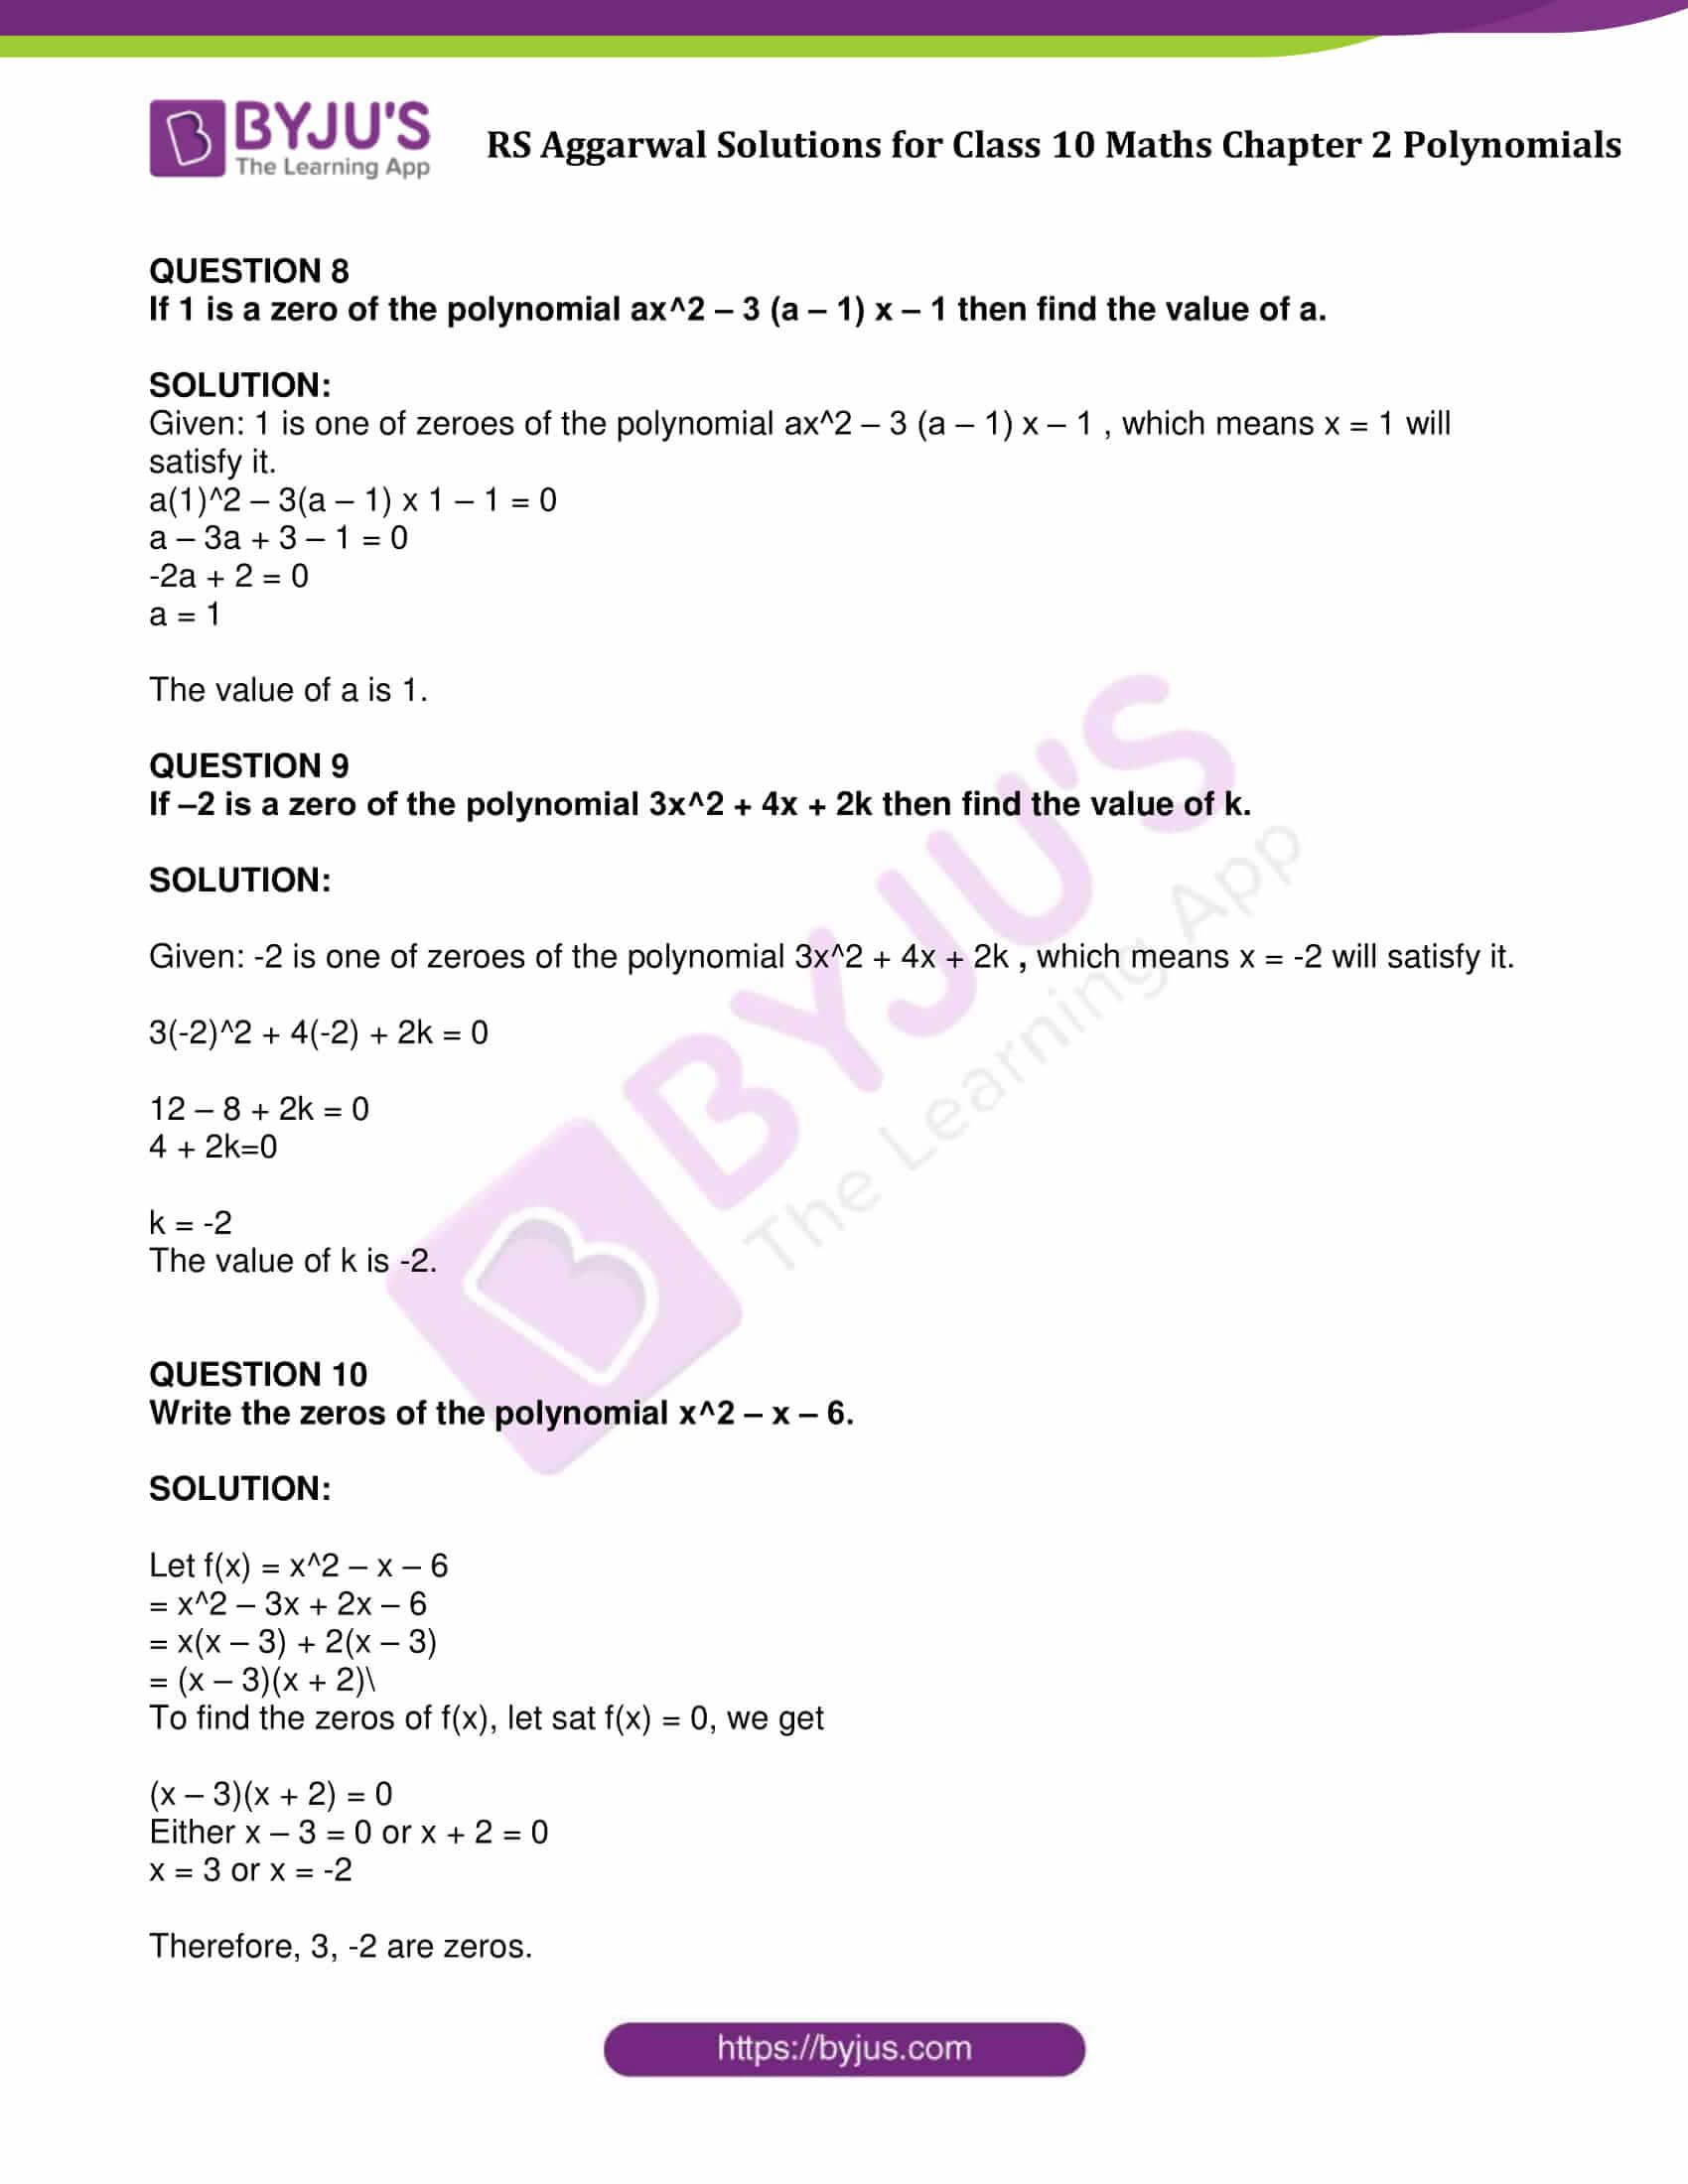 rs aggarwal sol class 10 maths cht 2